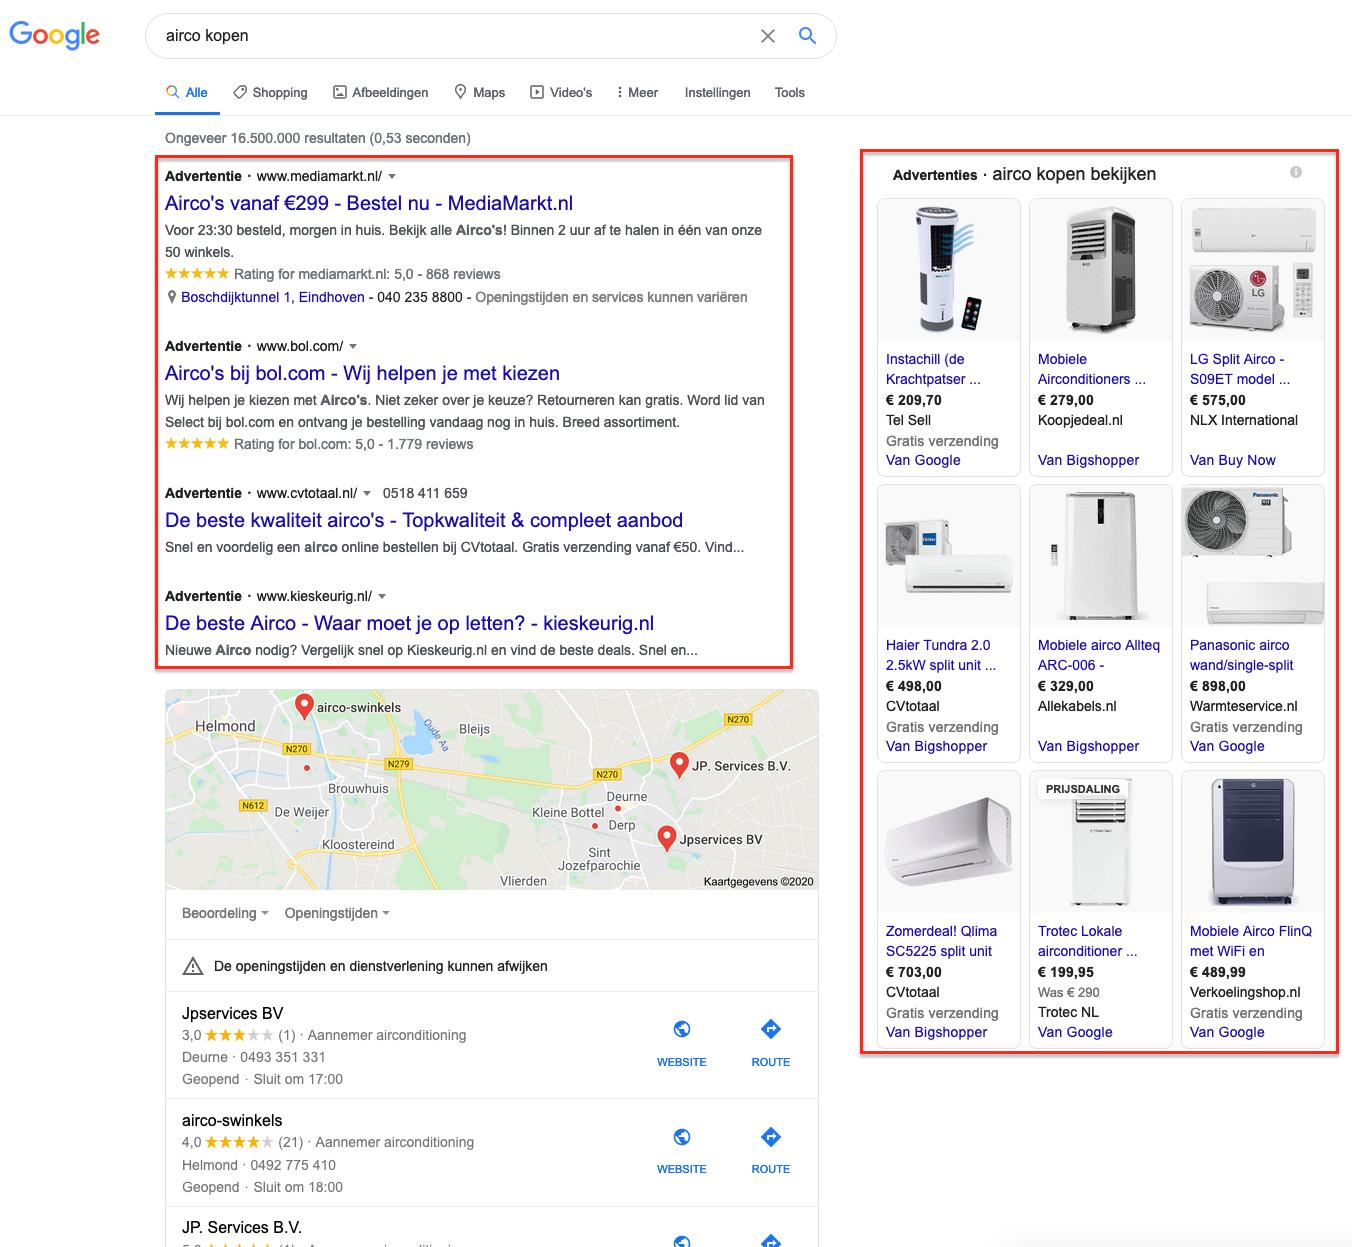 Voorbeeld advertentiemogelijkheden google